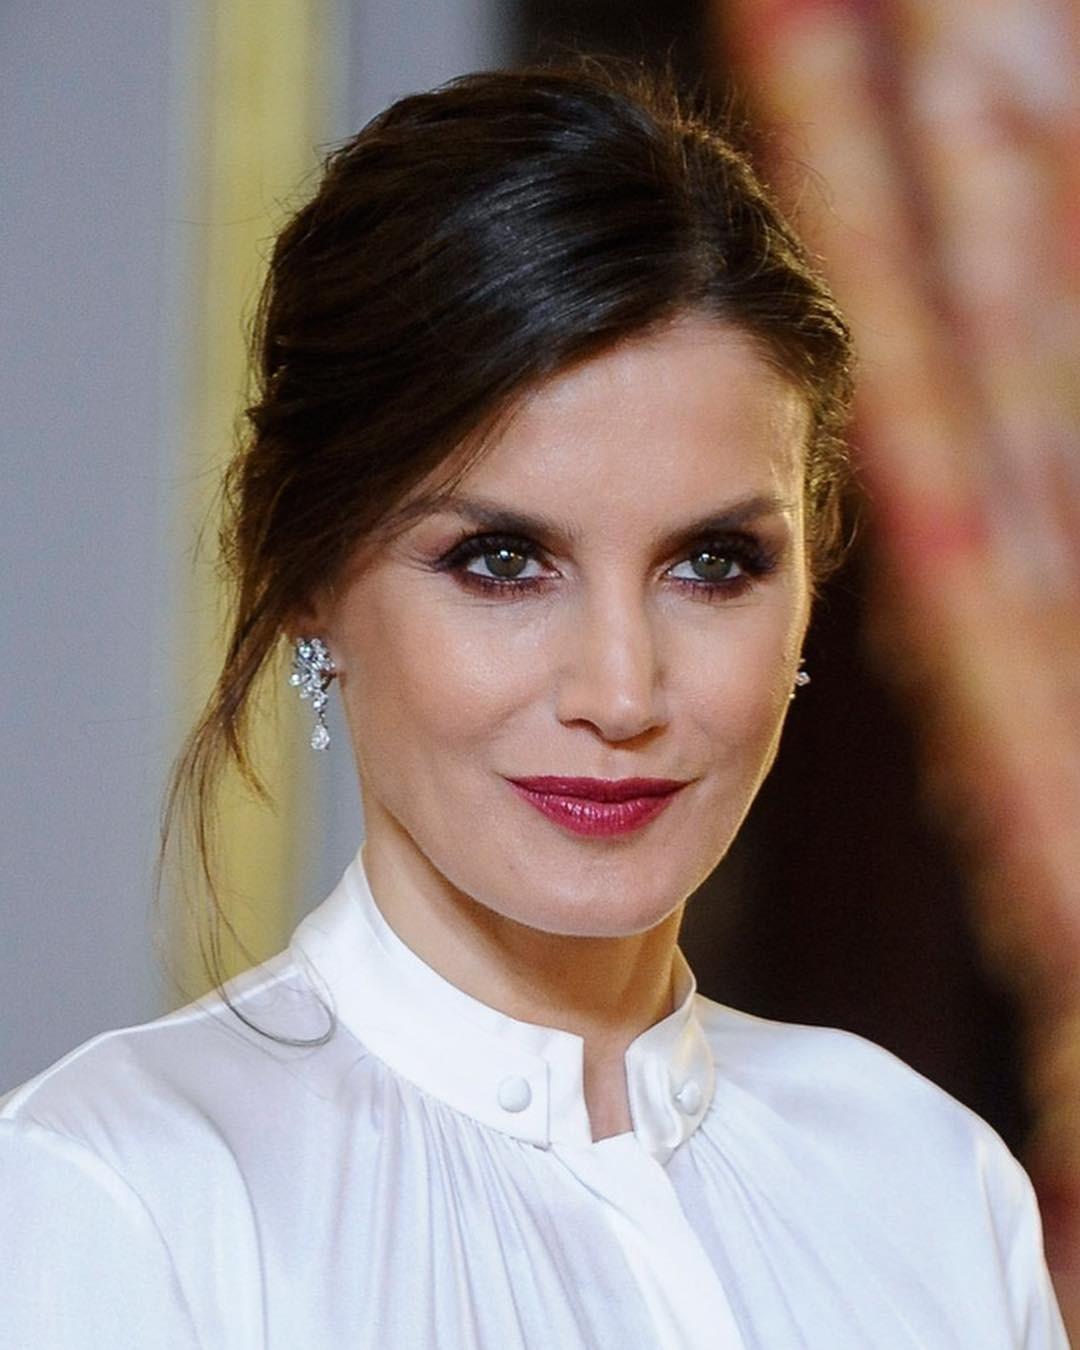 Предпочтения всегда отдает испанским дизайнерам ибрендам, но питает особую слабость ктвидовым костюмам Chanel. Назаре своей королевской «карьеры» быстро поняла, что черезгардероб можн...